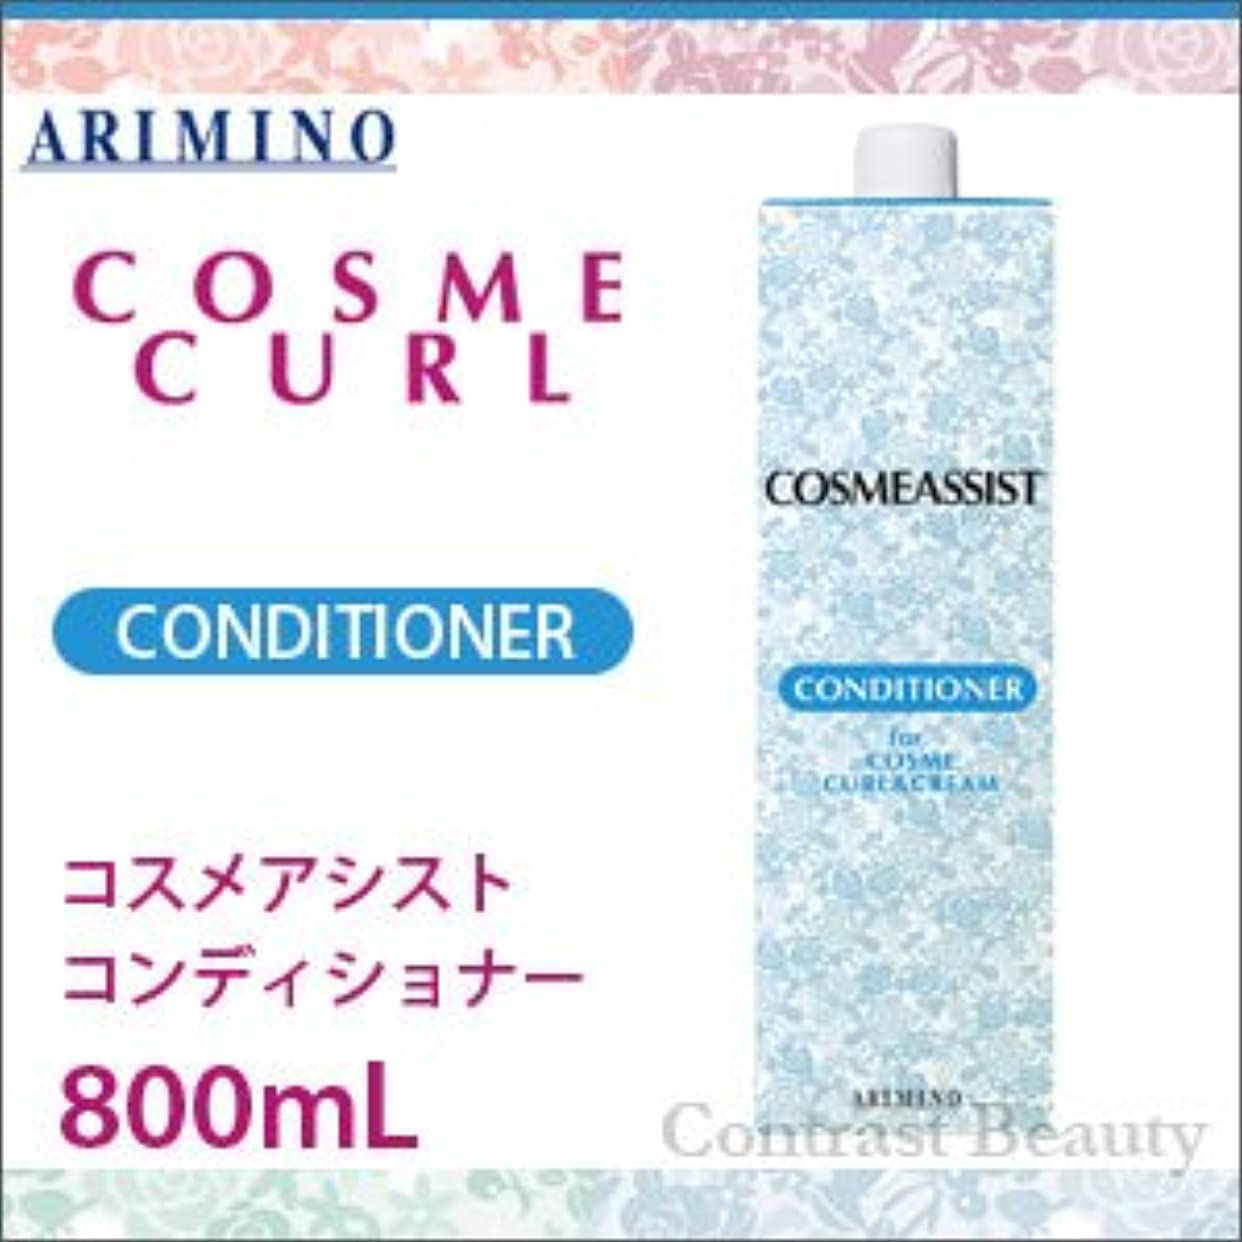 【X4個セット】 アリミノ コスメアシスト コンディショナー 800ml